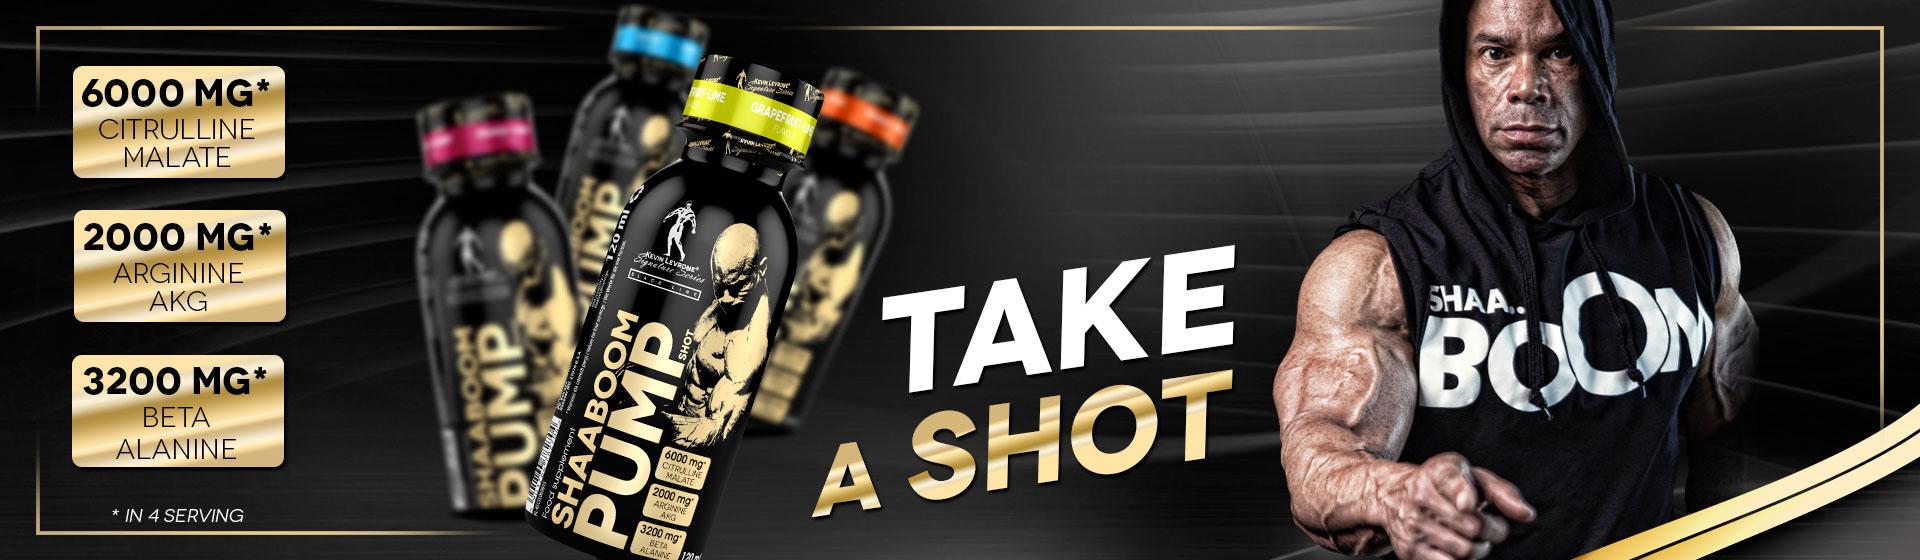 Shaaboom Shot #1